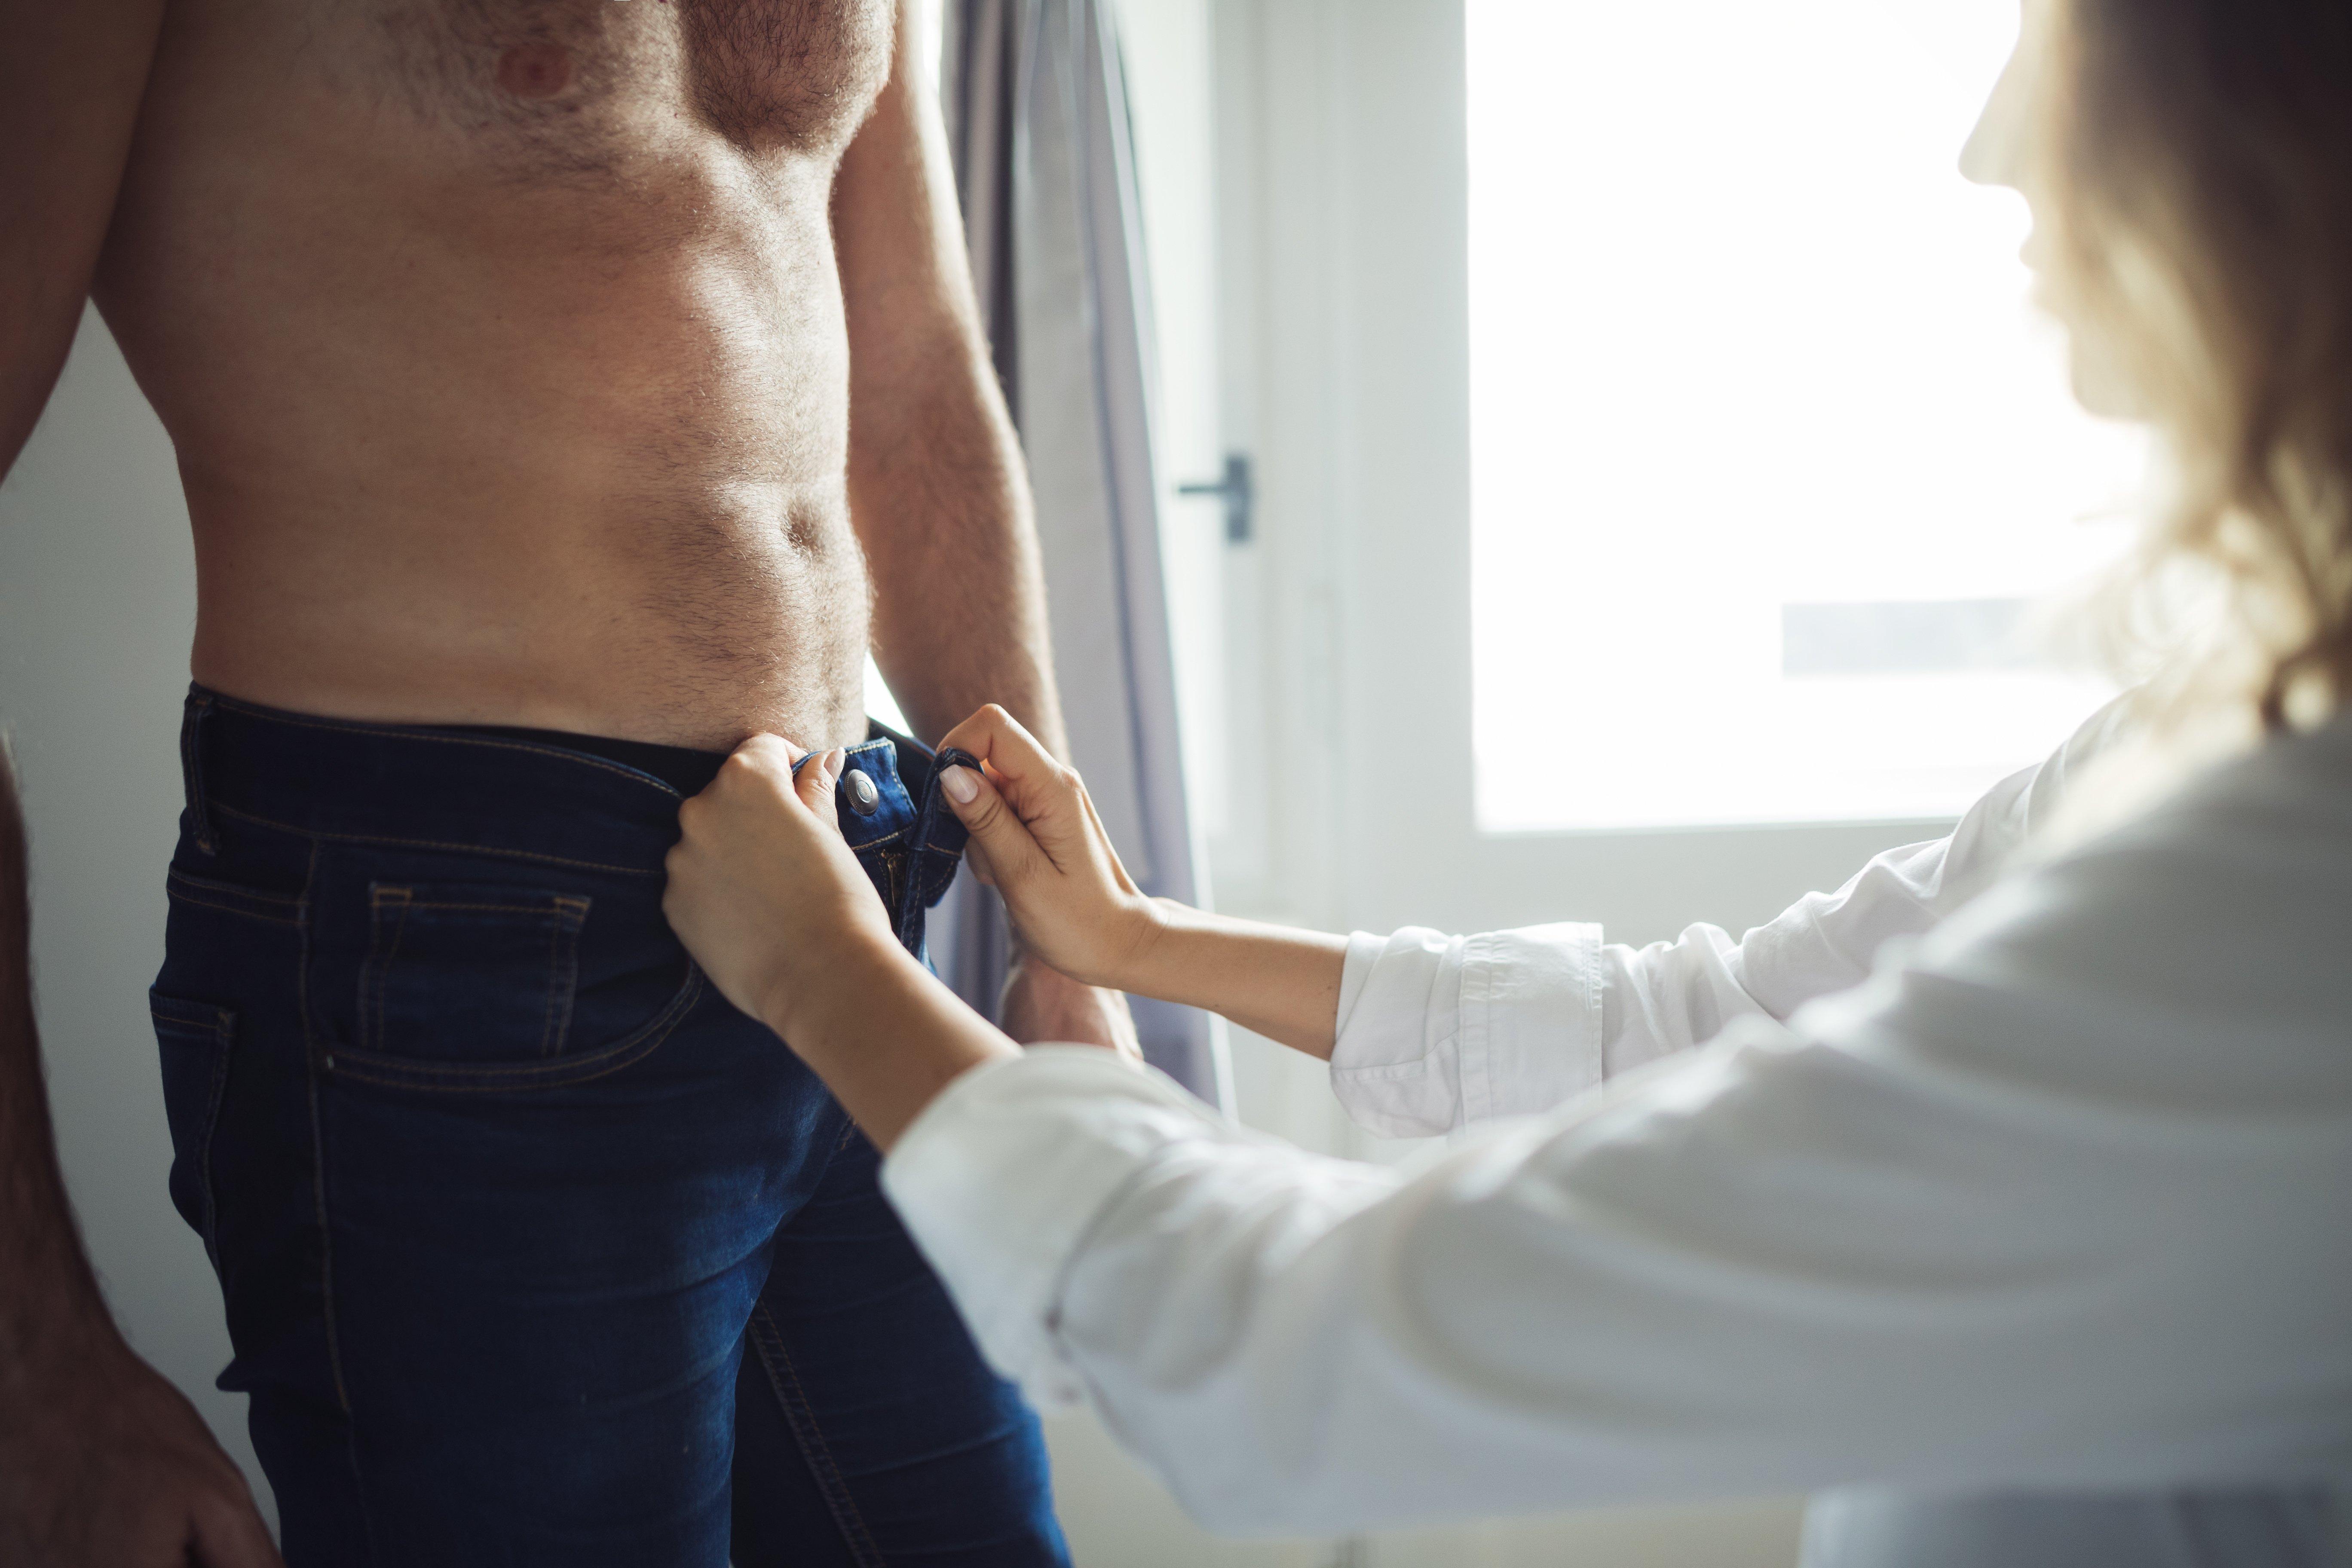 Může mít milenka alergii na vaše sperma?